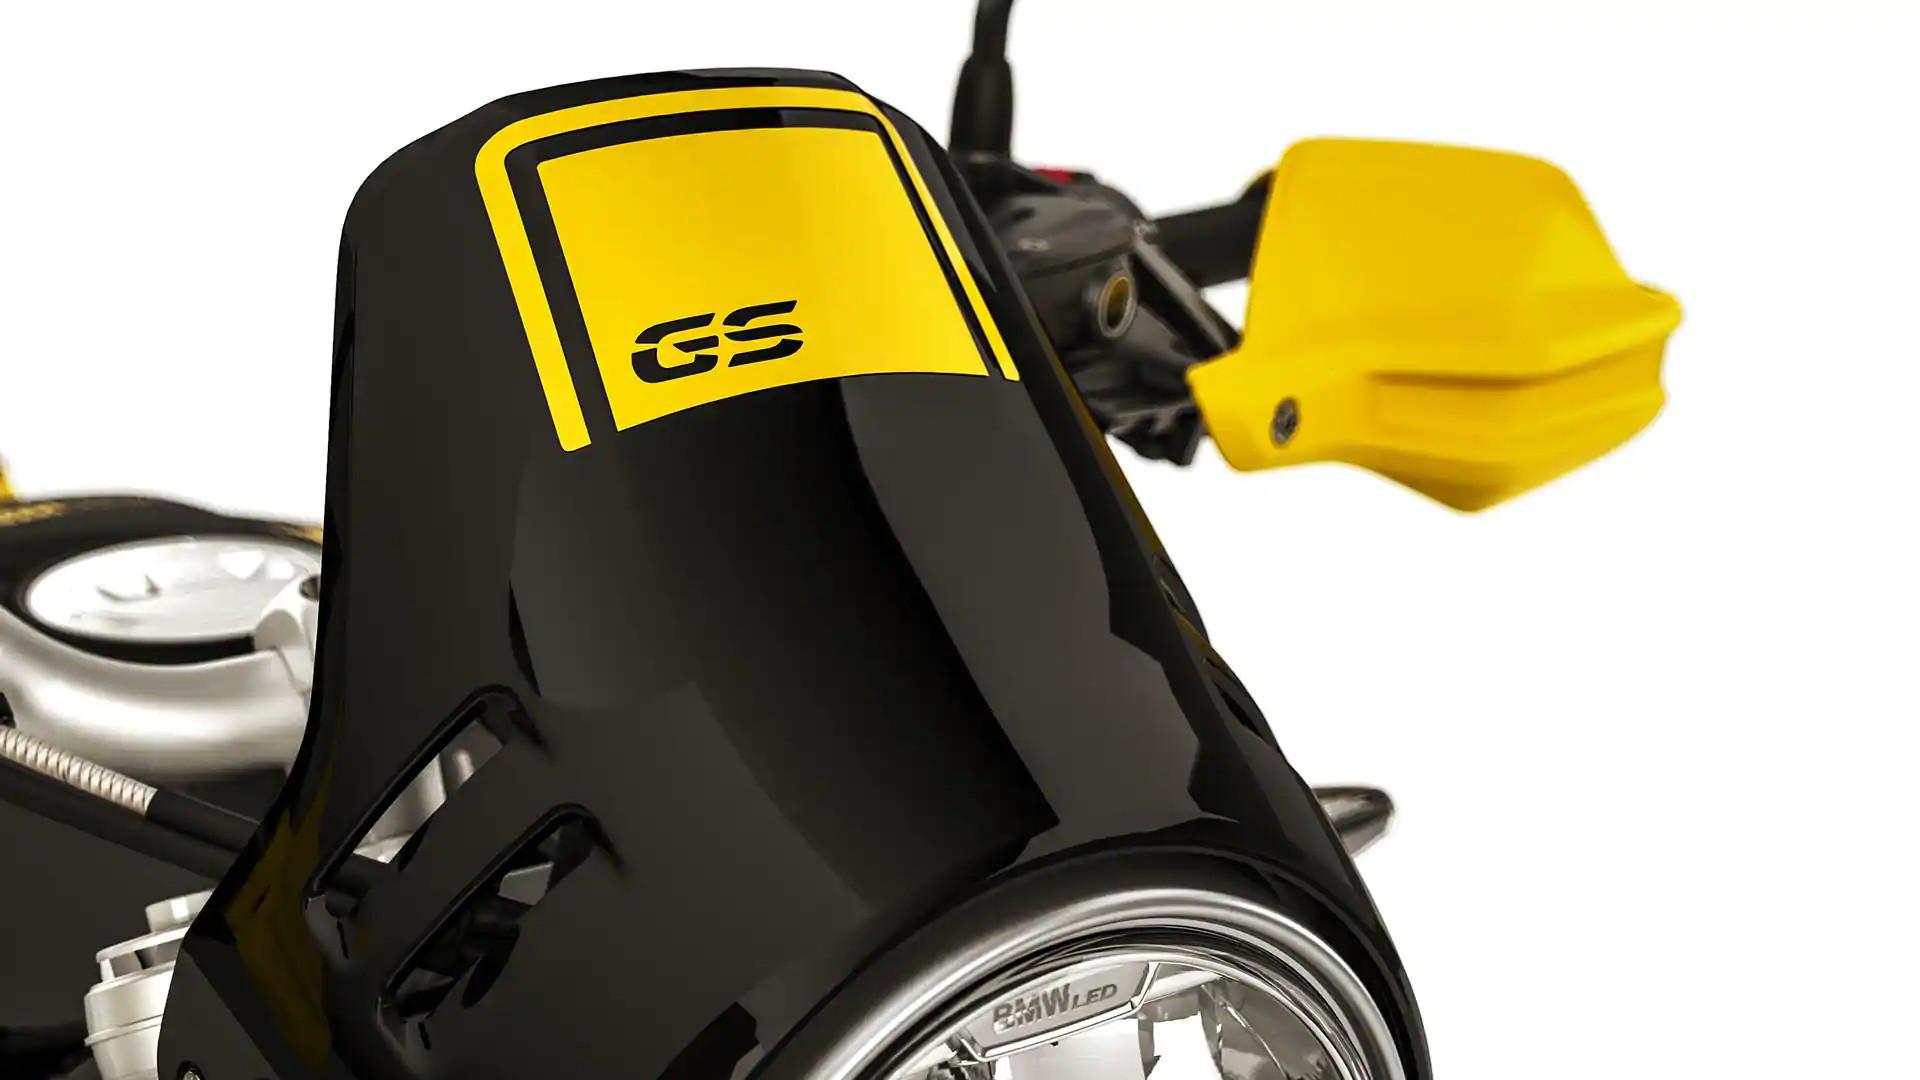 Вітрозахисний щиток з логотипом GS